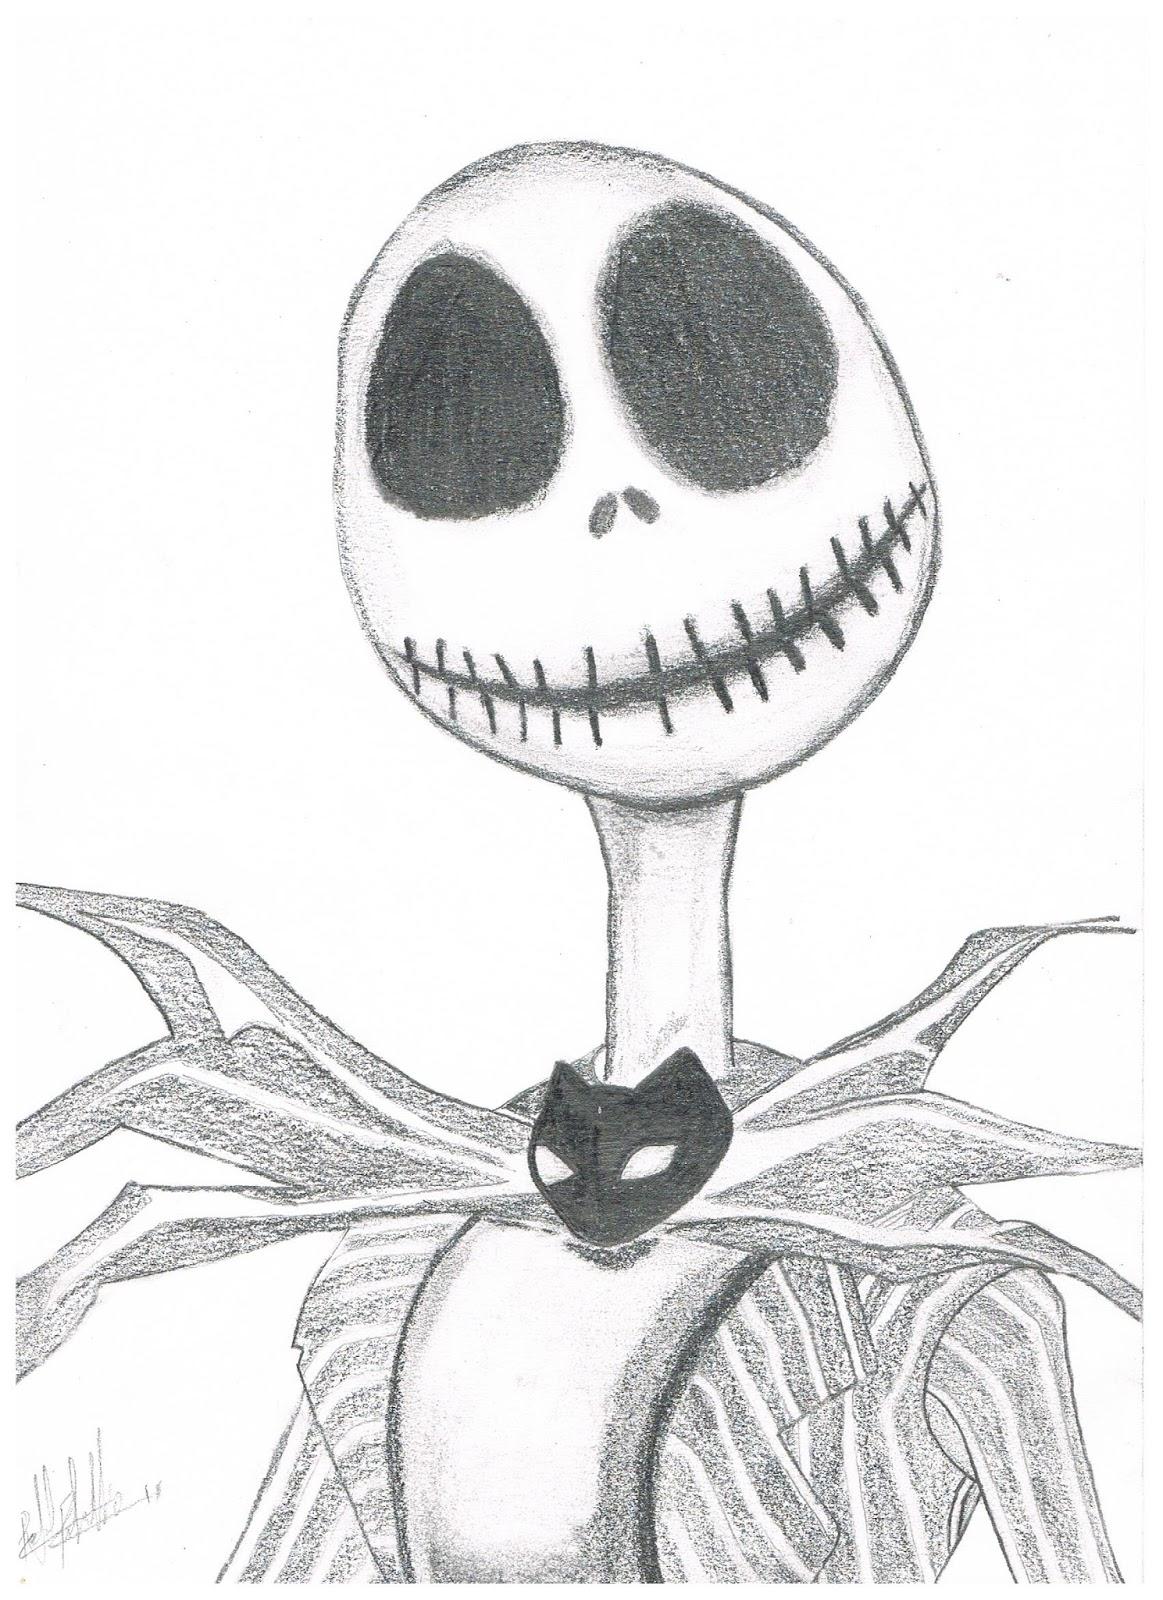 jack skellington drawings - HD1163×1600